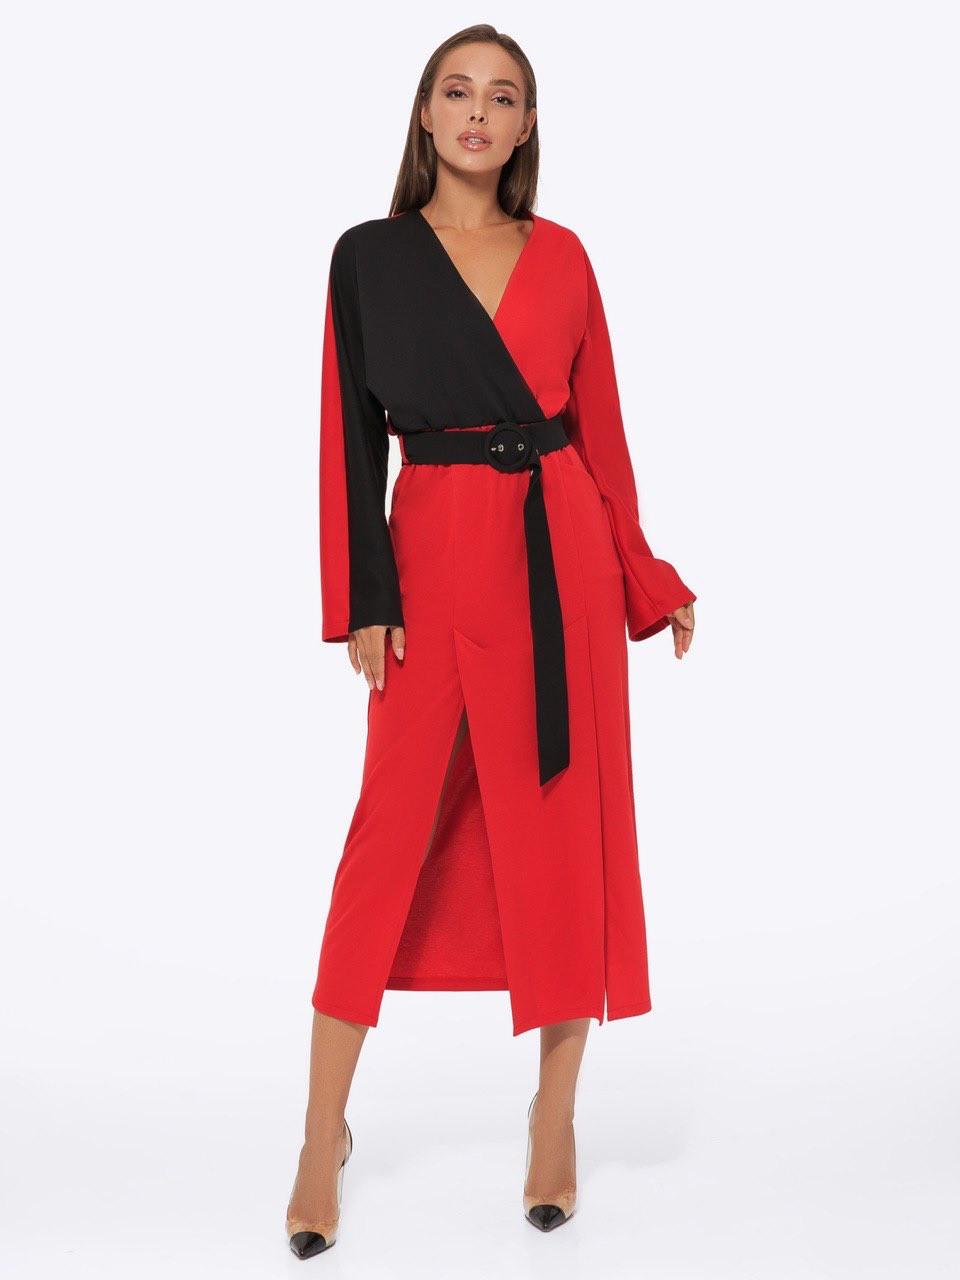 Сукня трикотажне жіноче AniTi 551, червоно-чорний (чорний пояс)